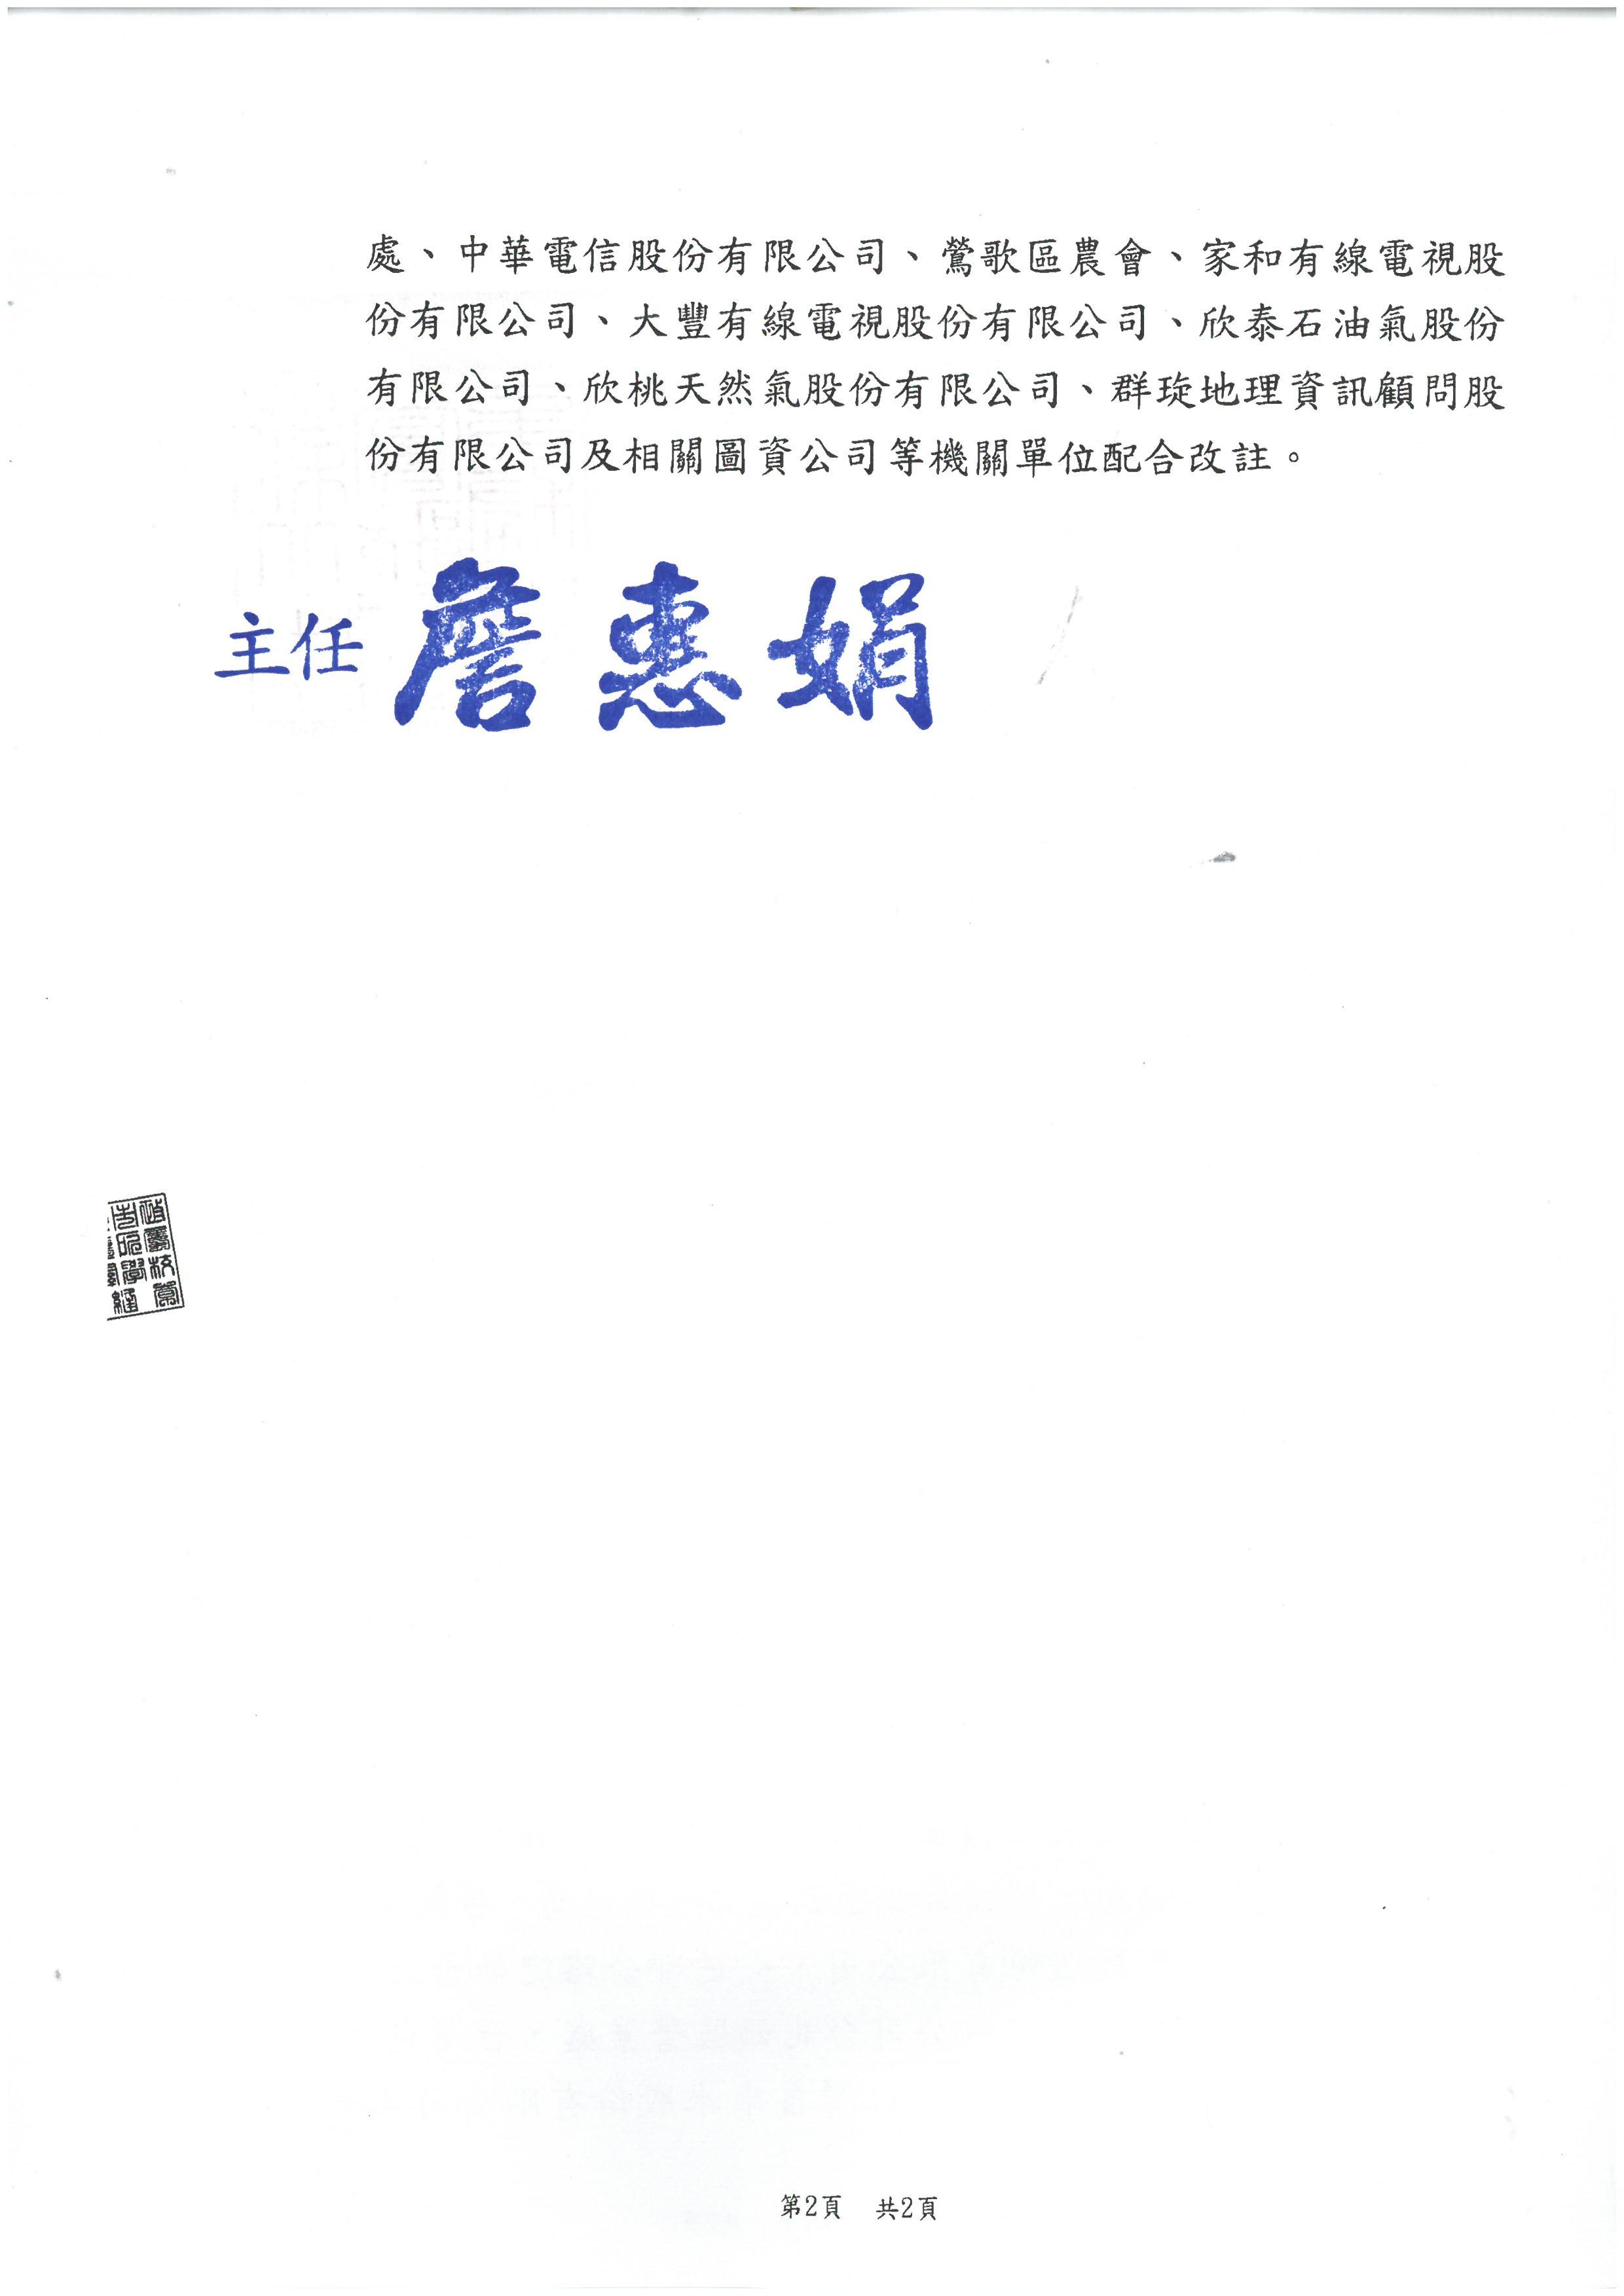 公告本所辦理本轄門牌整編案,定於109年5月15日實施生效。照片